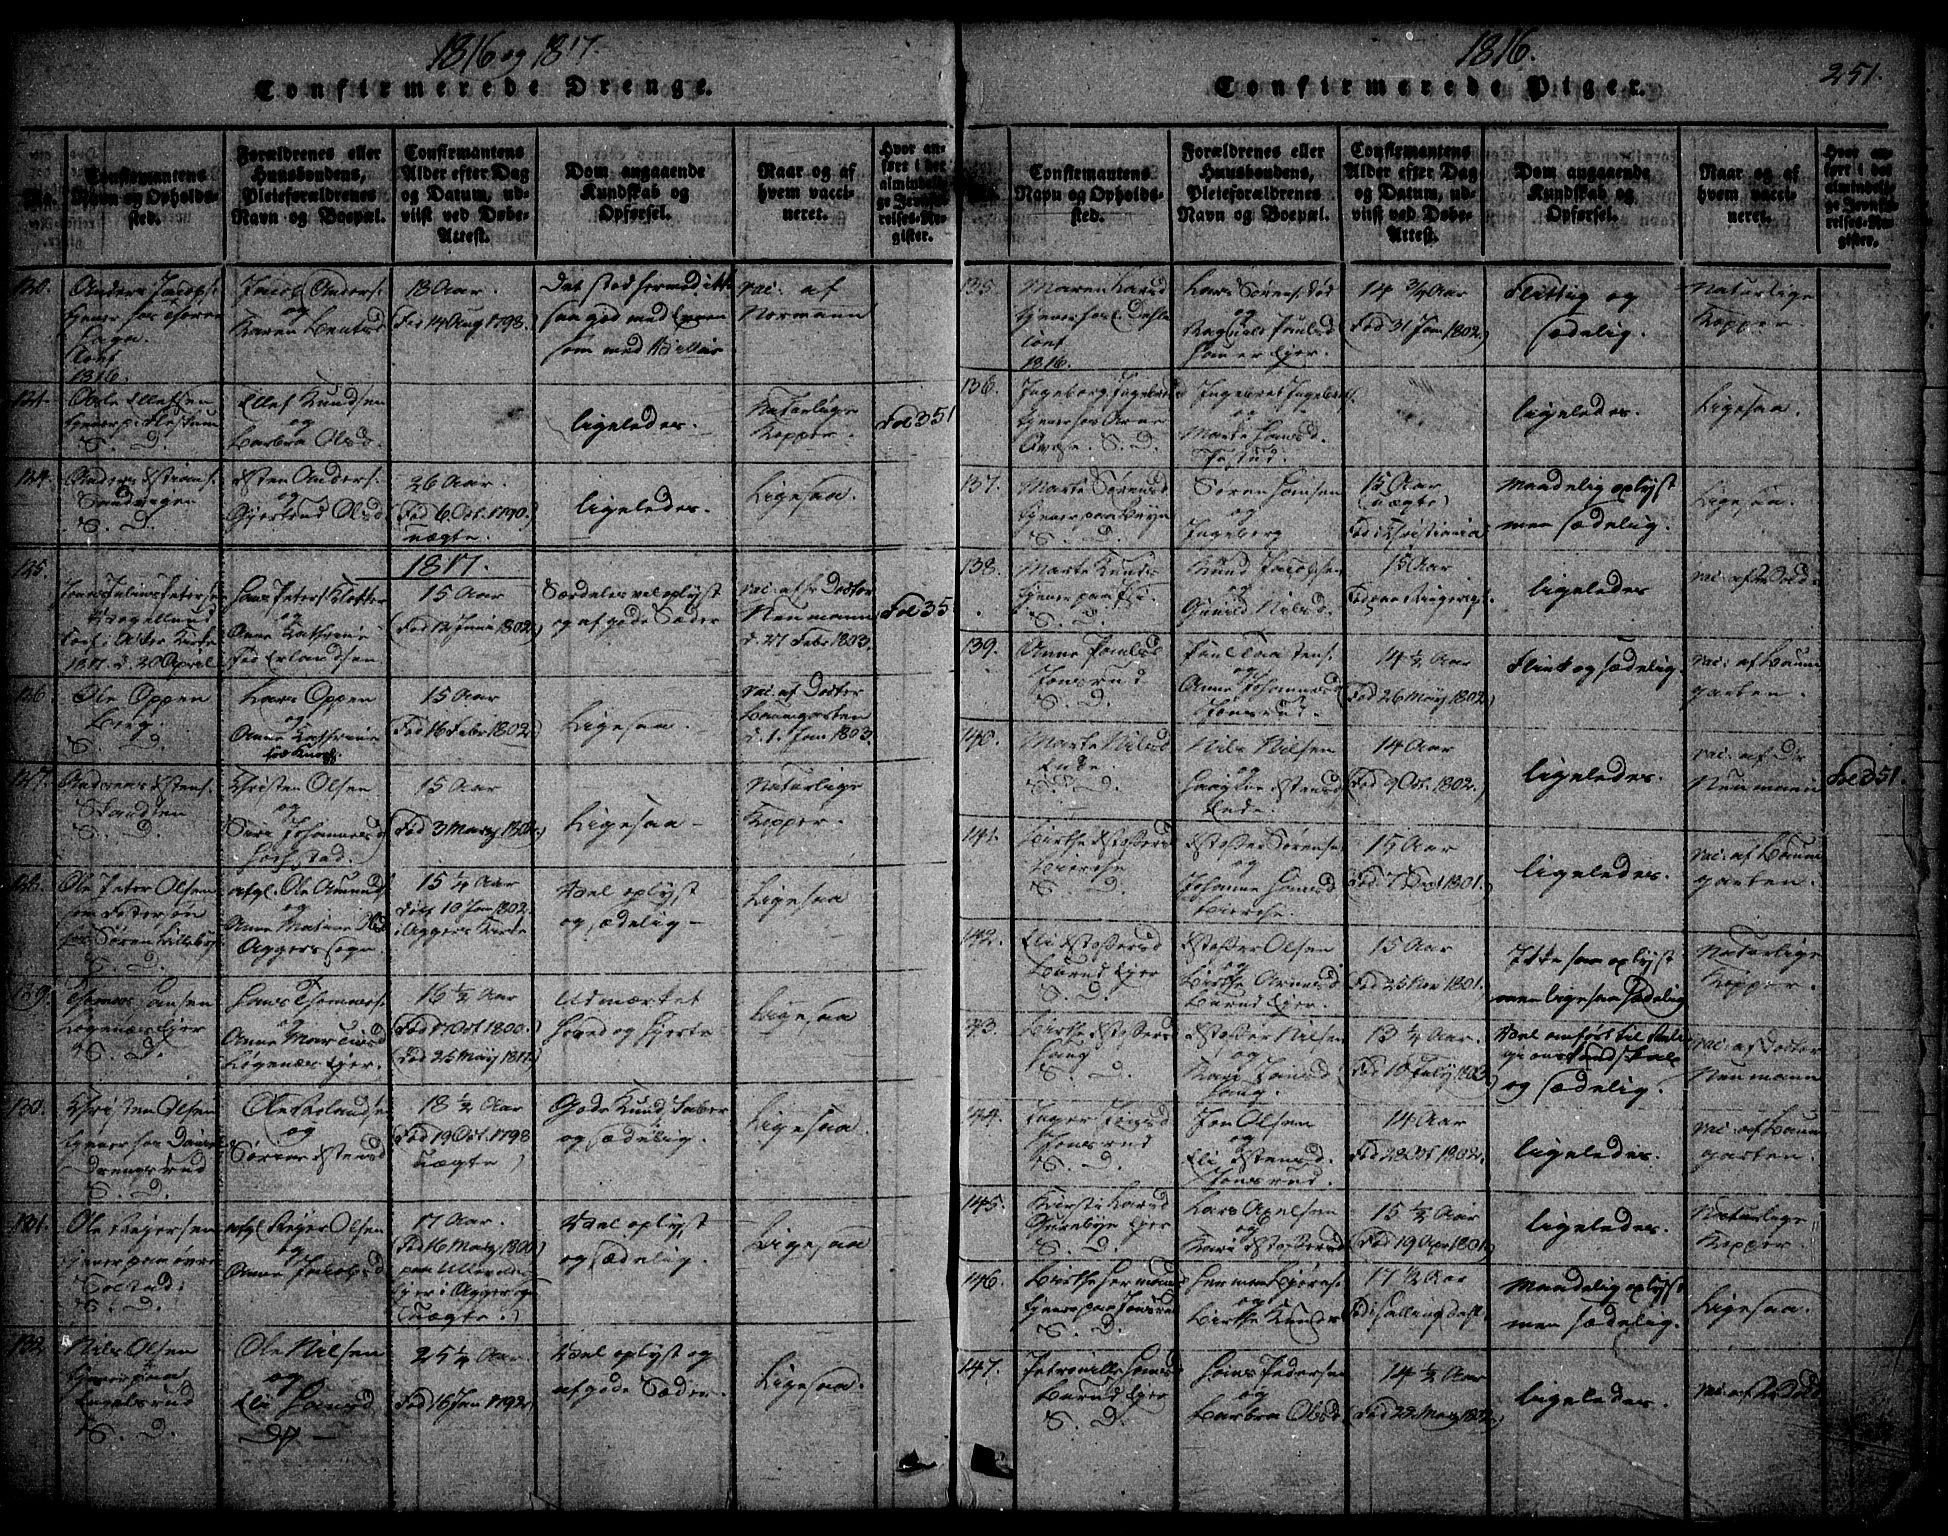 SAO, Asker prestekontor Kirkebøker, F/Fa/L0006: Ministerialbok nr. I 6, 1814-1824, s. 251